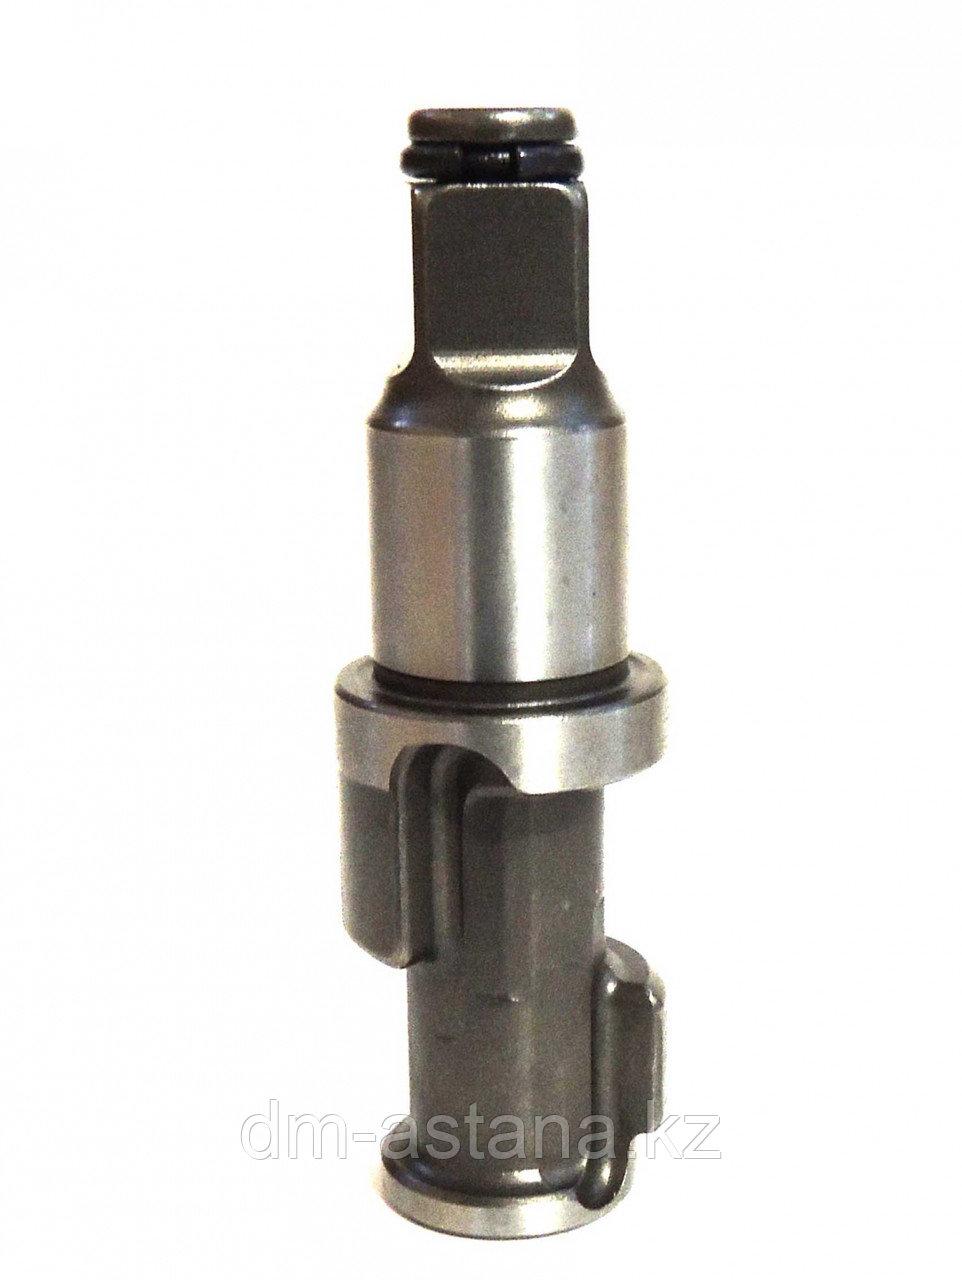 Вал NORDBERG 12227-0070011-1 для пневмогайковерта NORDBERG IT260 (со стопорным кольцом)